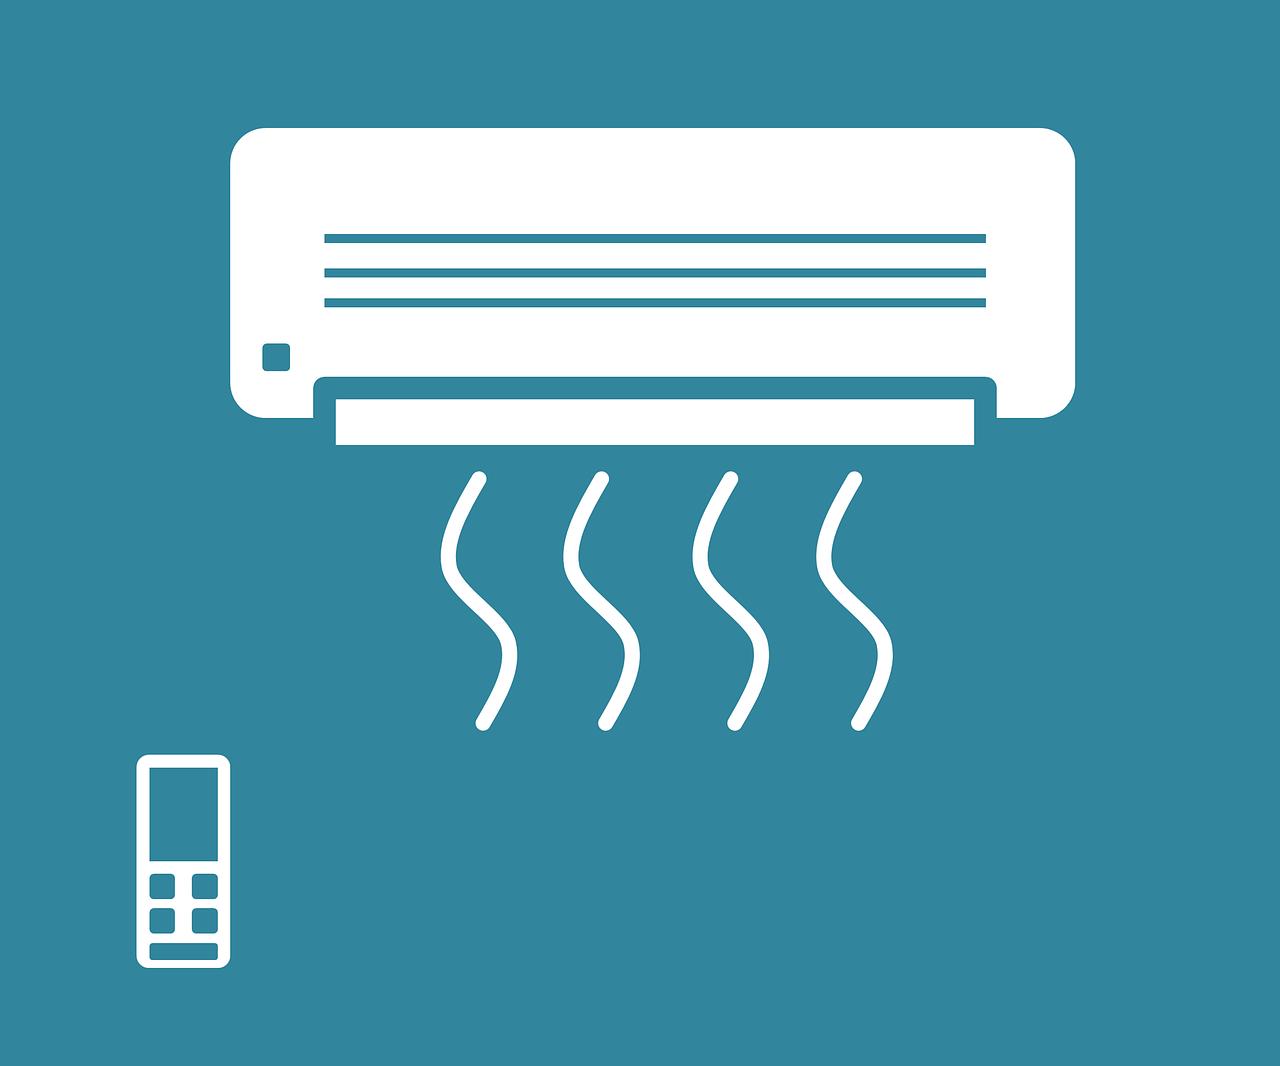 暖房を20度で付けっ放しにした場合は電気料金はいくらになるの?